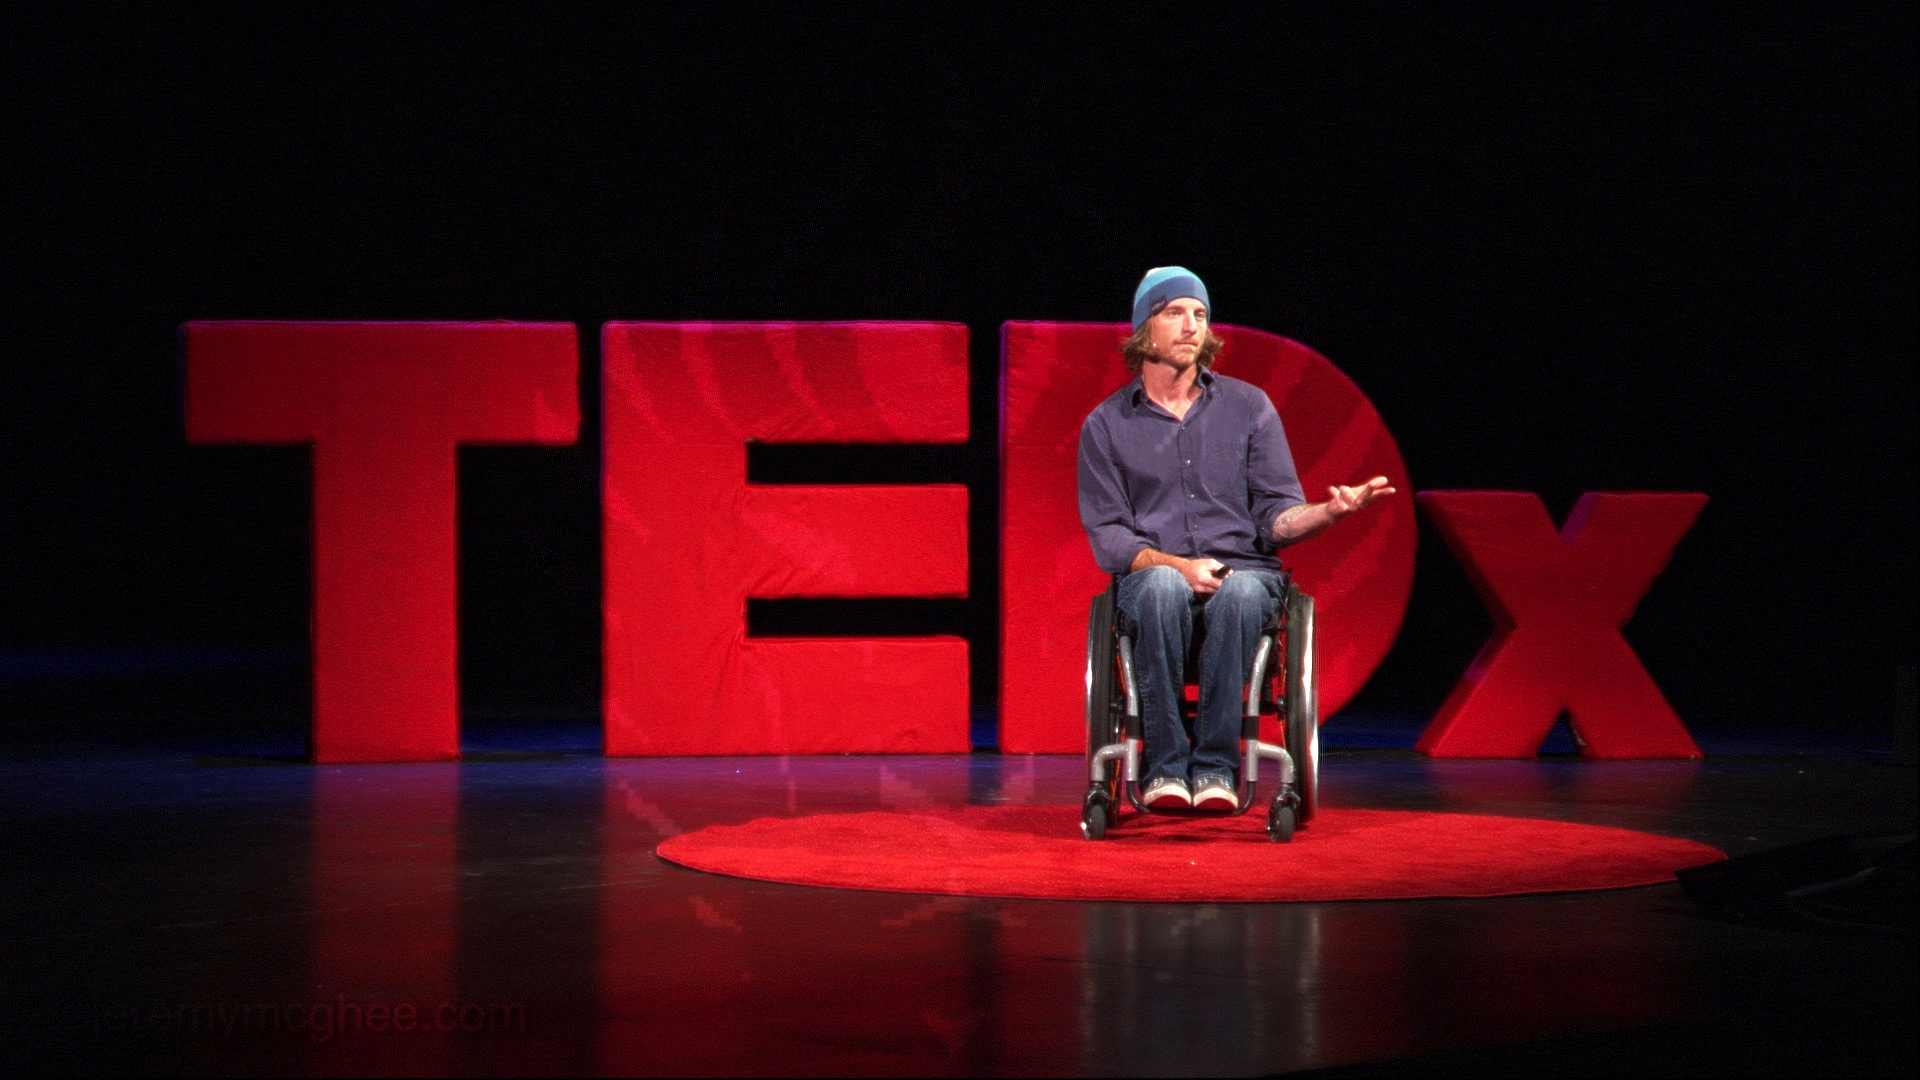 TEDxAFC_watermark.jpg